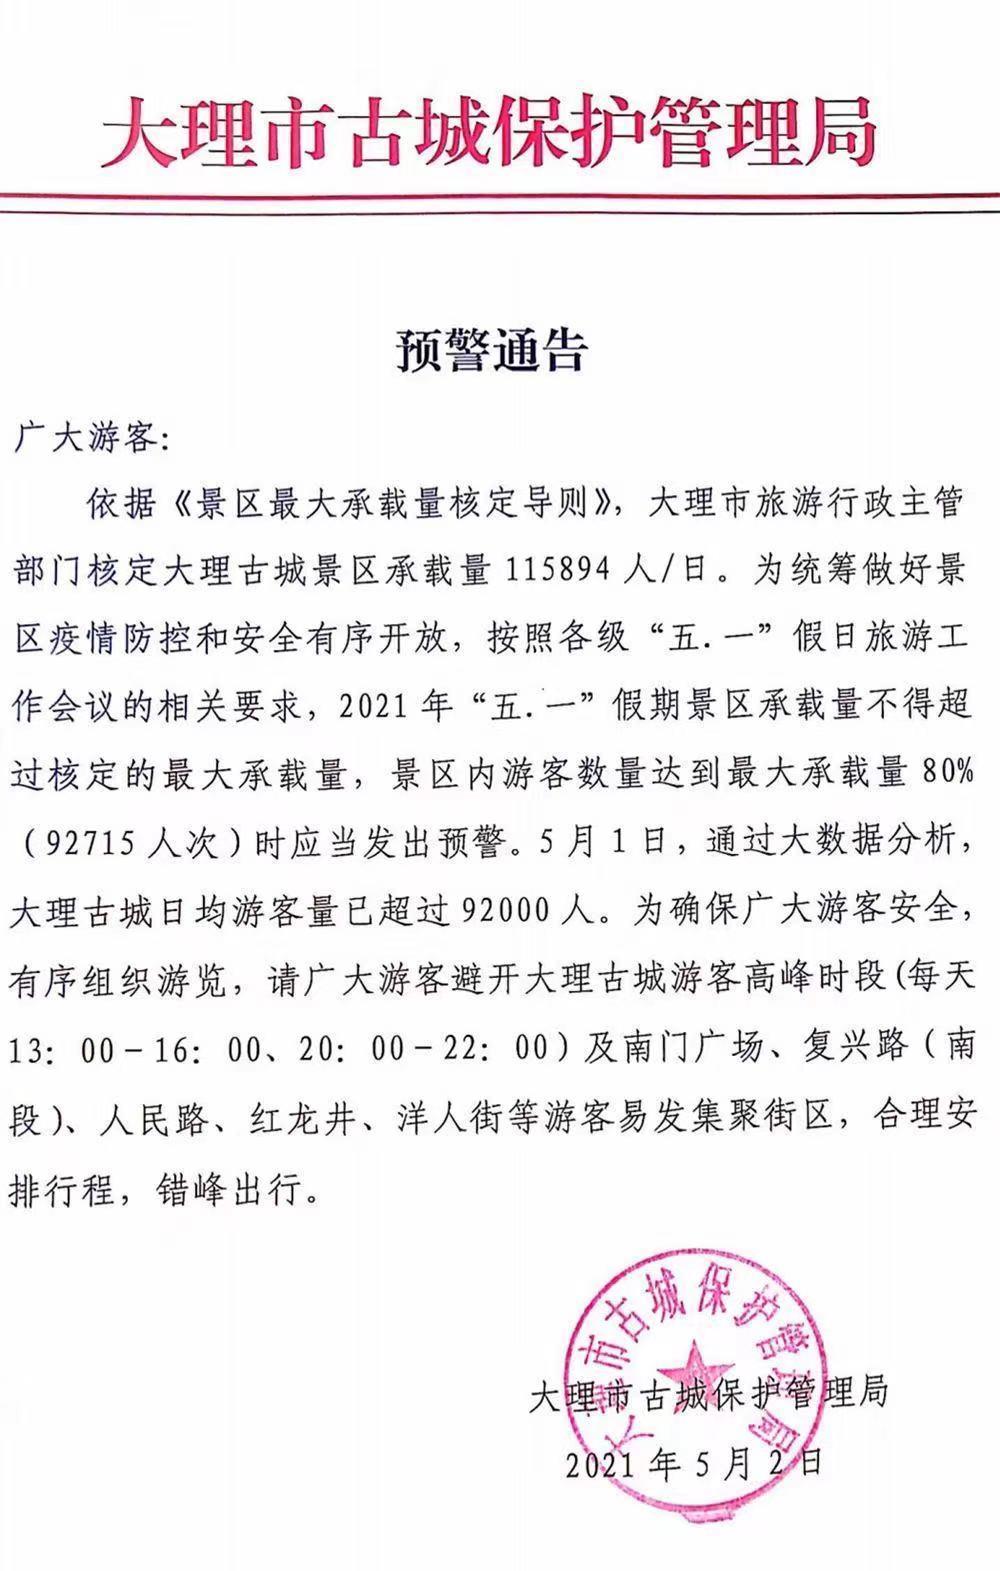 百度搜索榜_云南大理古城客流剧增 治理部门宣布出行预警插图